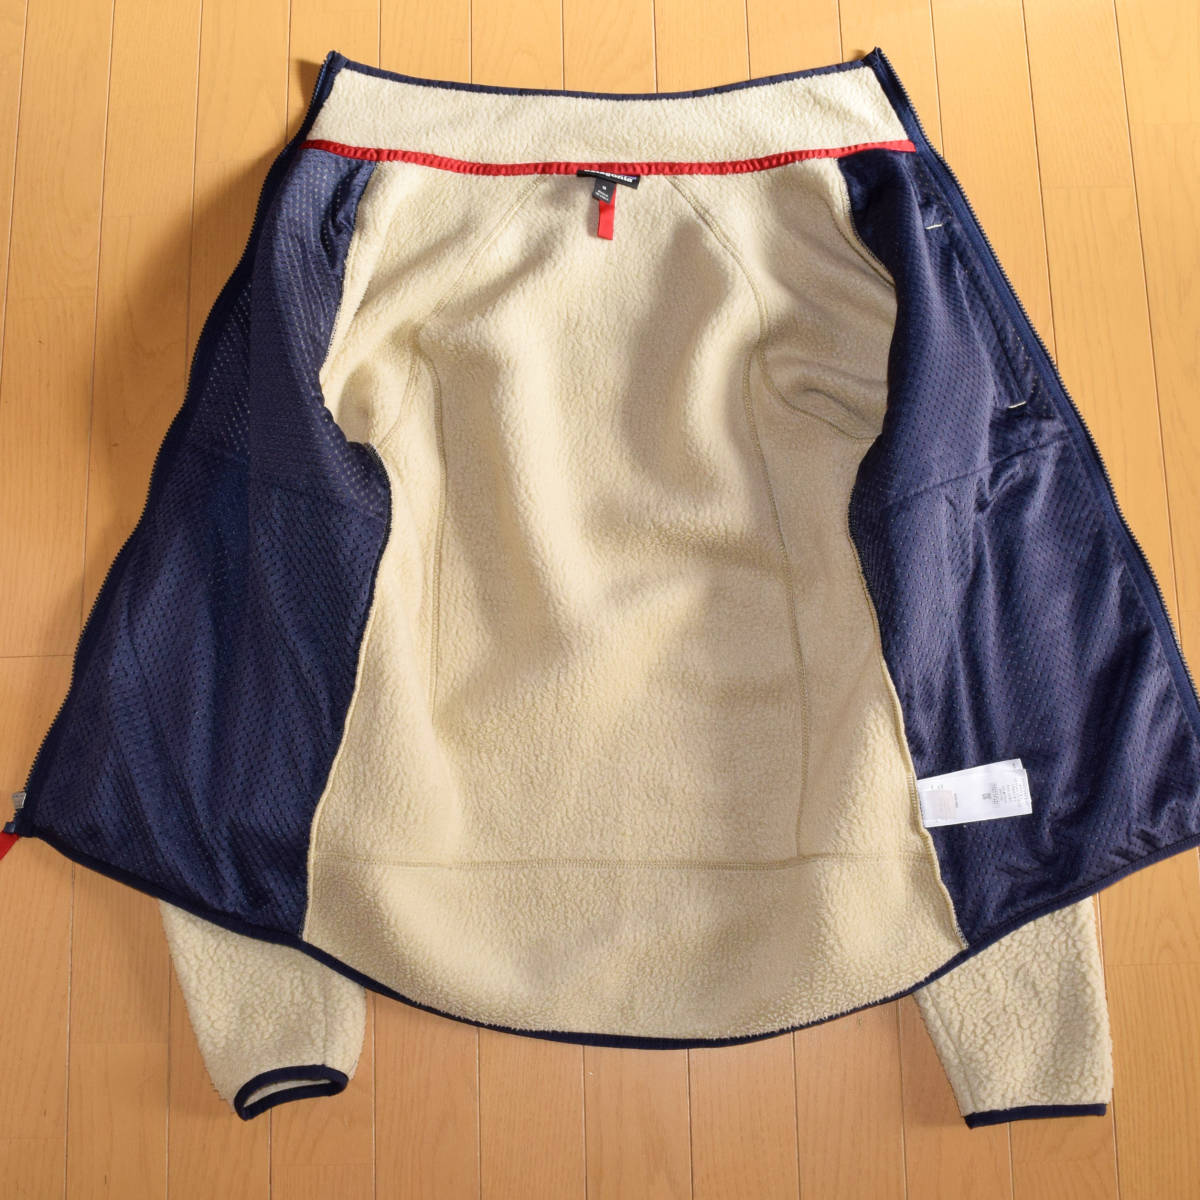 美品!人気カラー patagonia パタゴニア MEN'S retro pile jacket M サイズ レトロパイル ジャケット レトロX 希少カラー _画像3